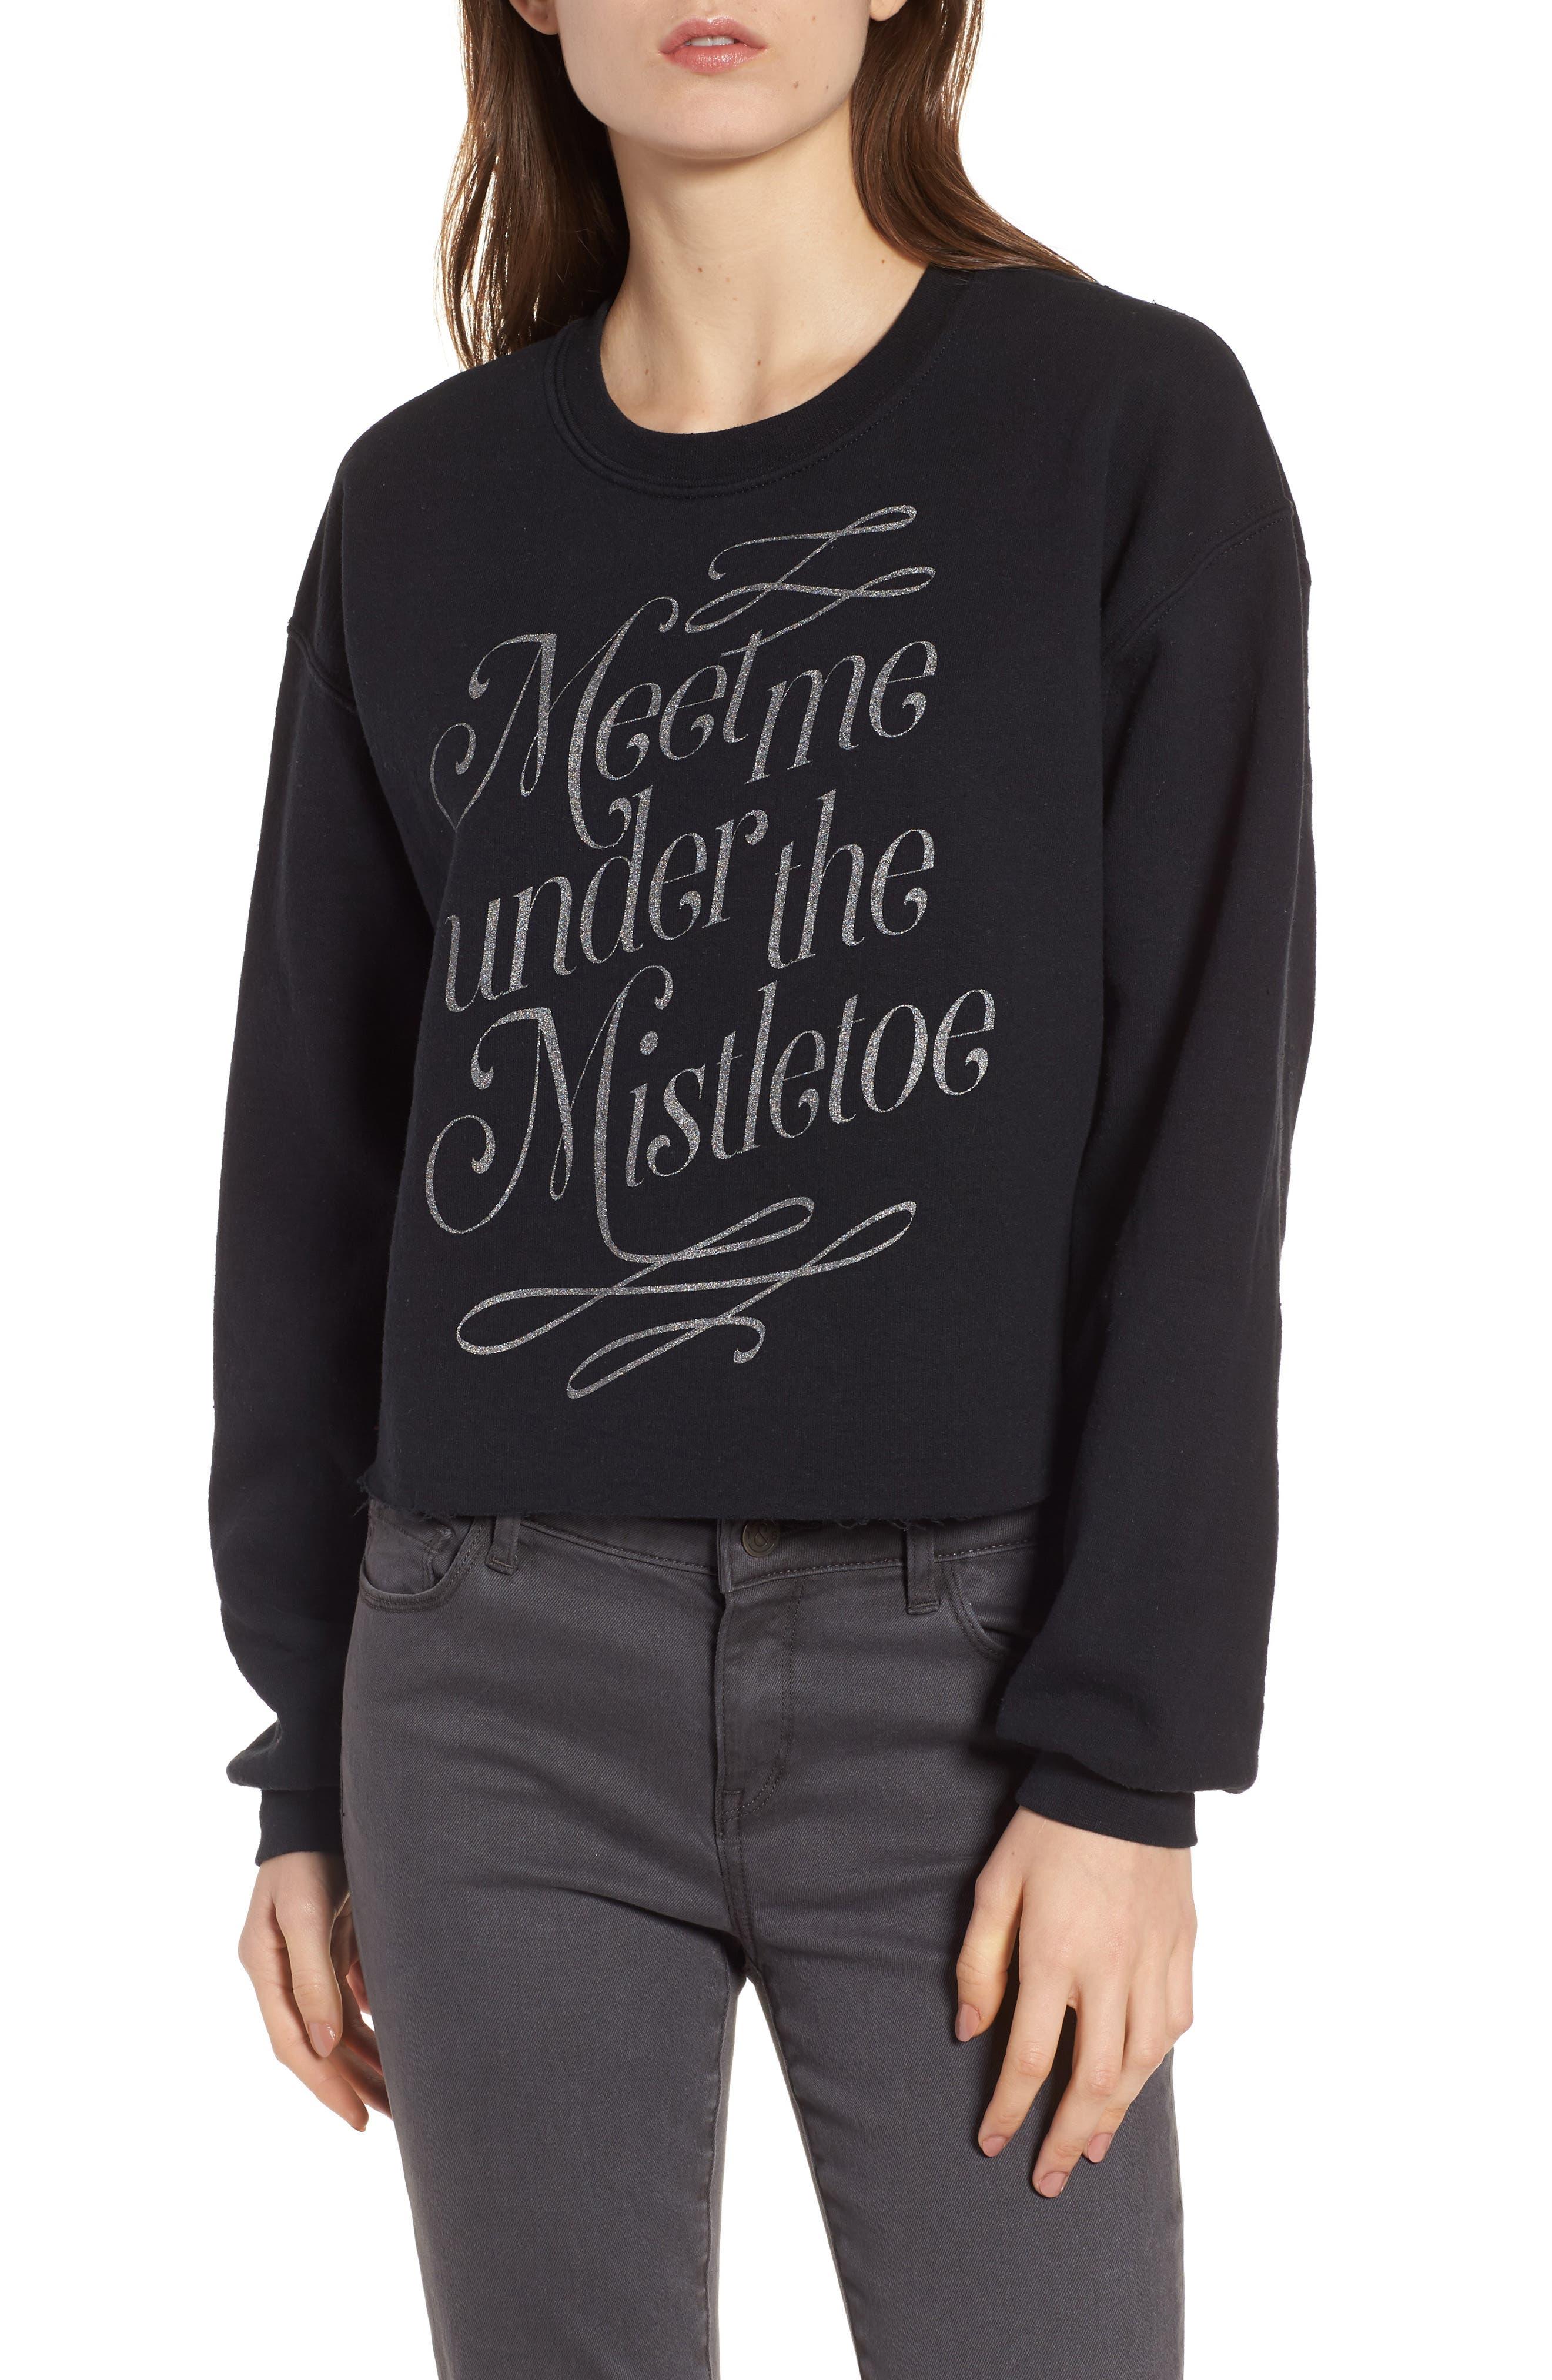 Mistletoe Sweatshirt,                             Main thumbnail 1, color,                             Black